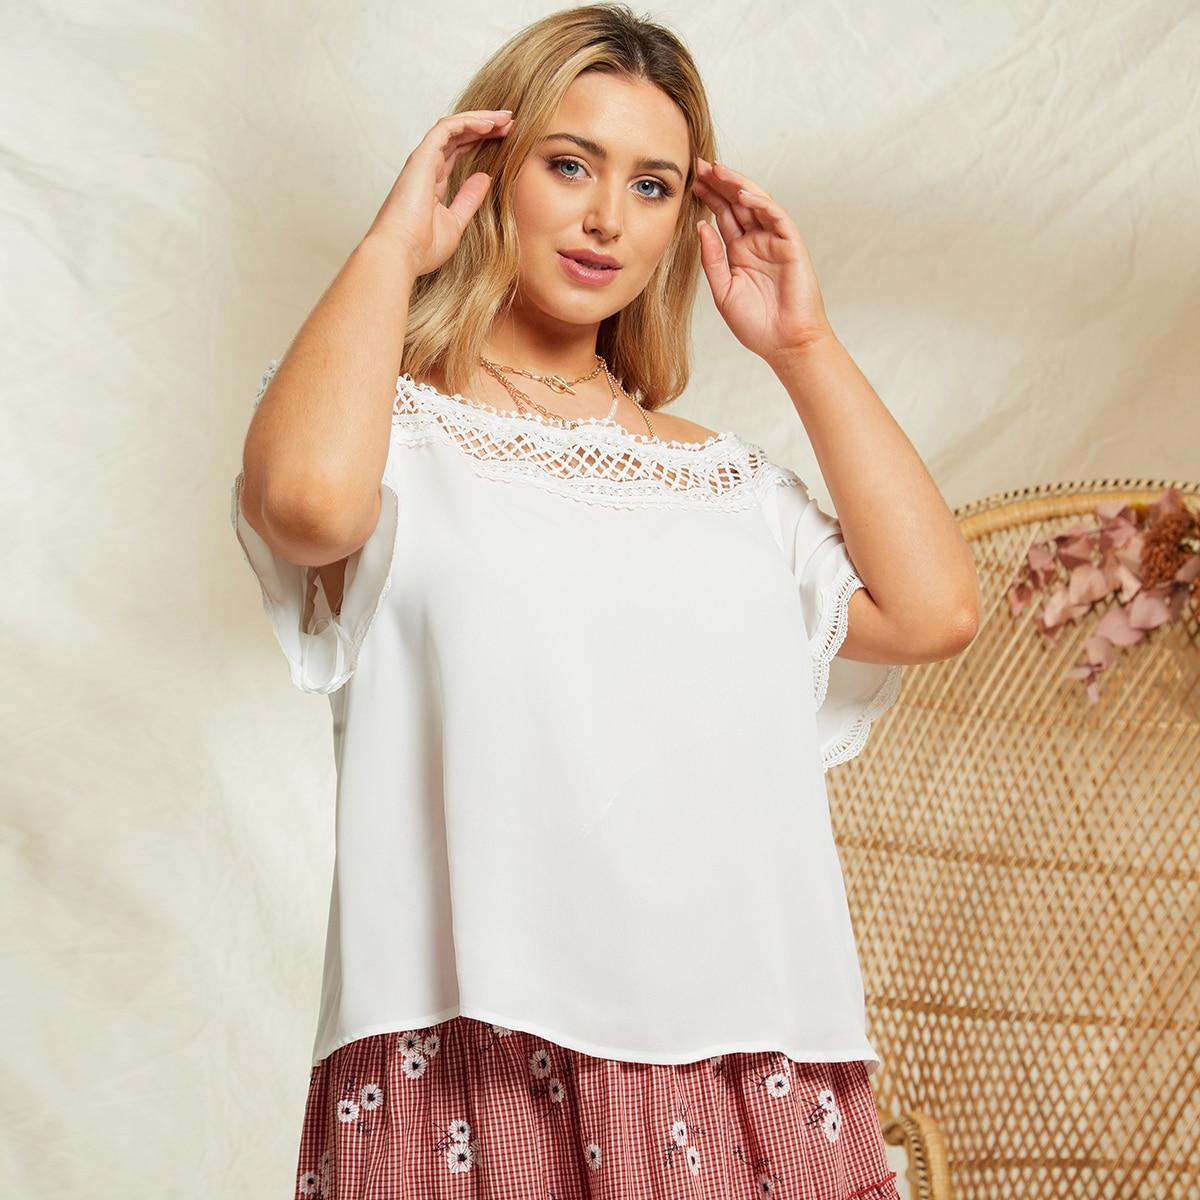 Контрастные кружева Одноцветный Бохо Блузы размер плюс по цене 630